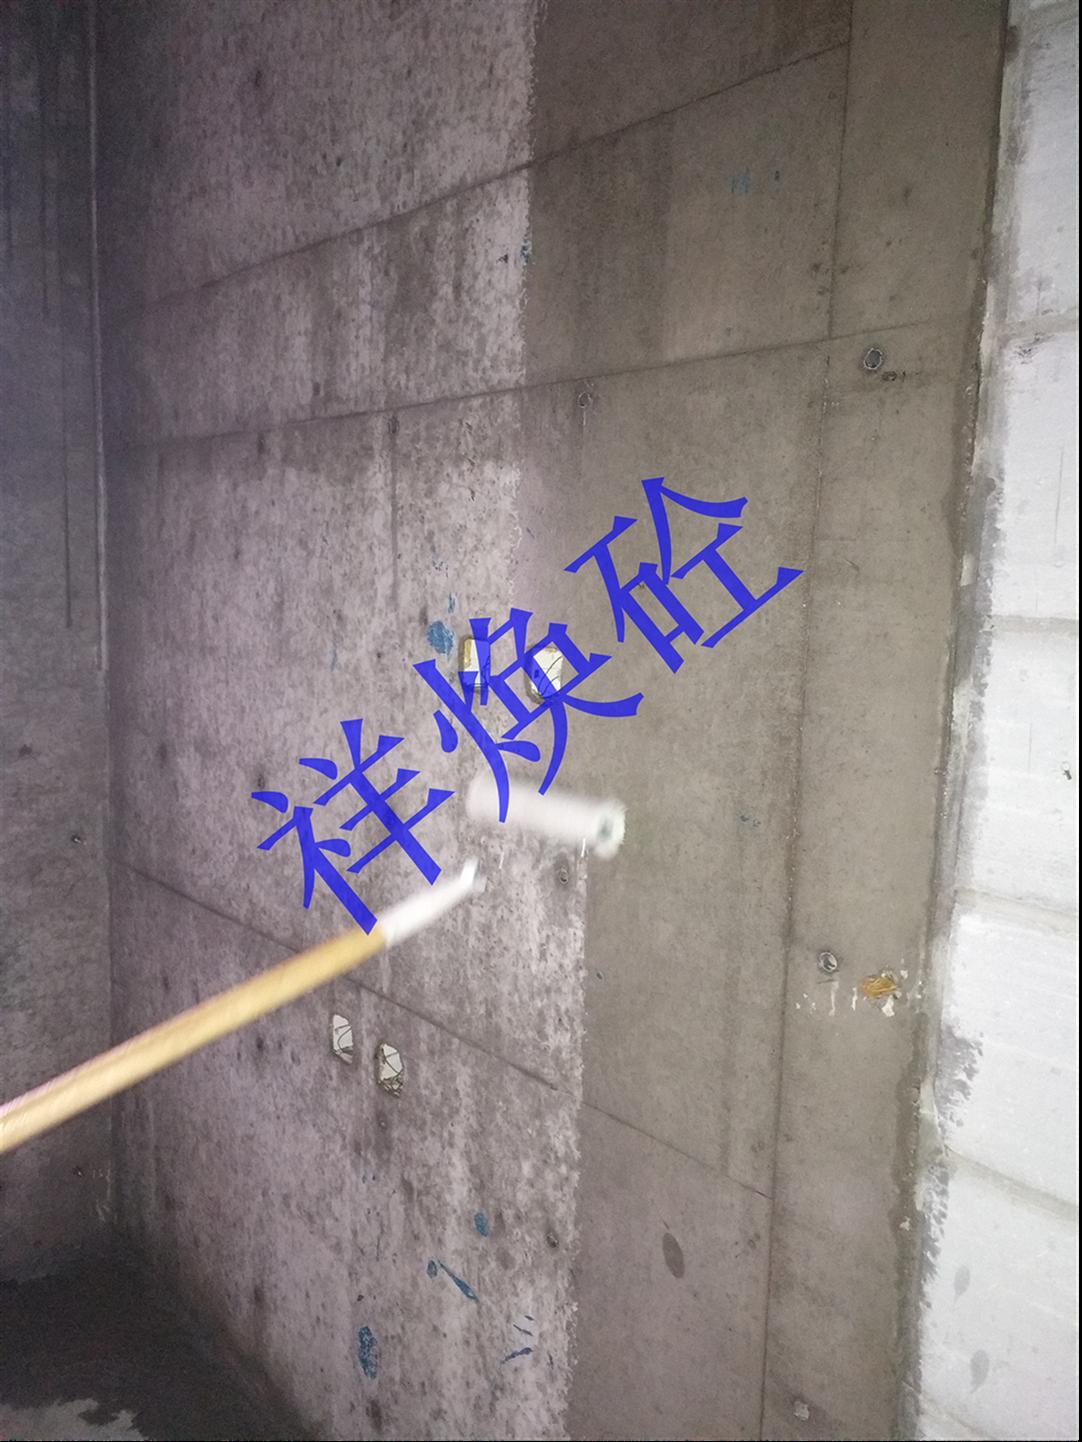 混凝土回弹强度不够解决方案